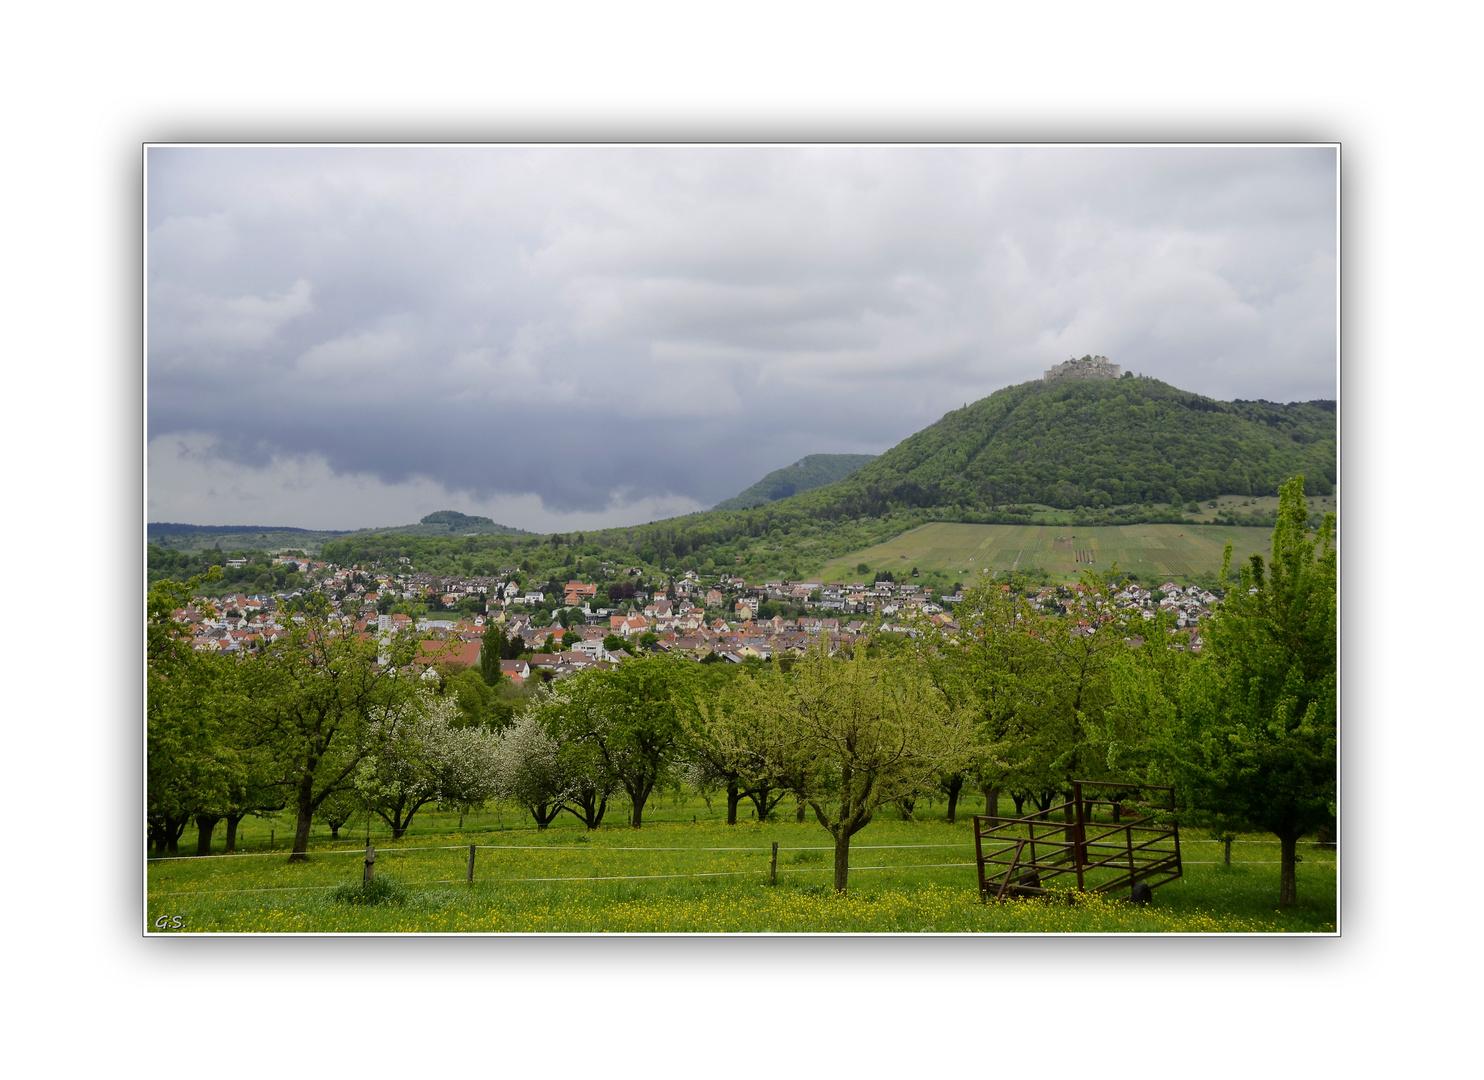 Die Stadt Neuffen am Fuße der schwäbischen Alb